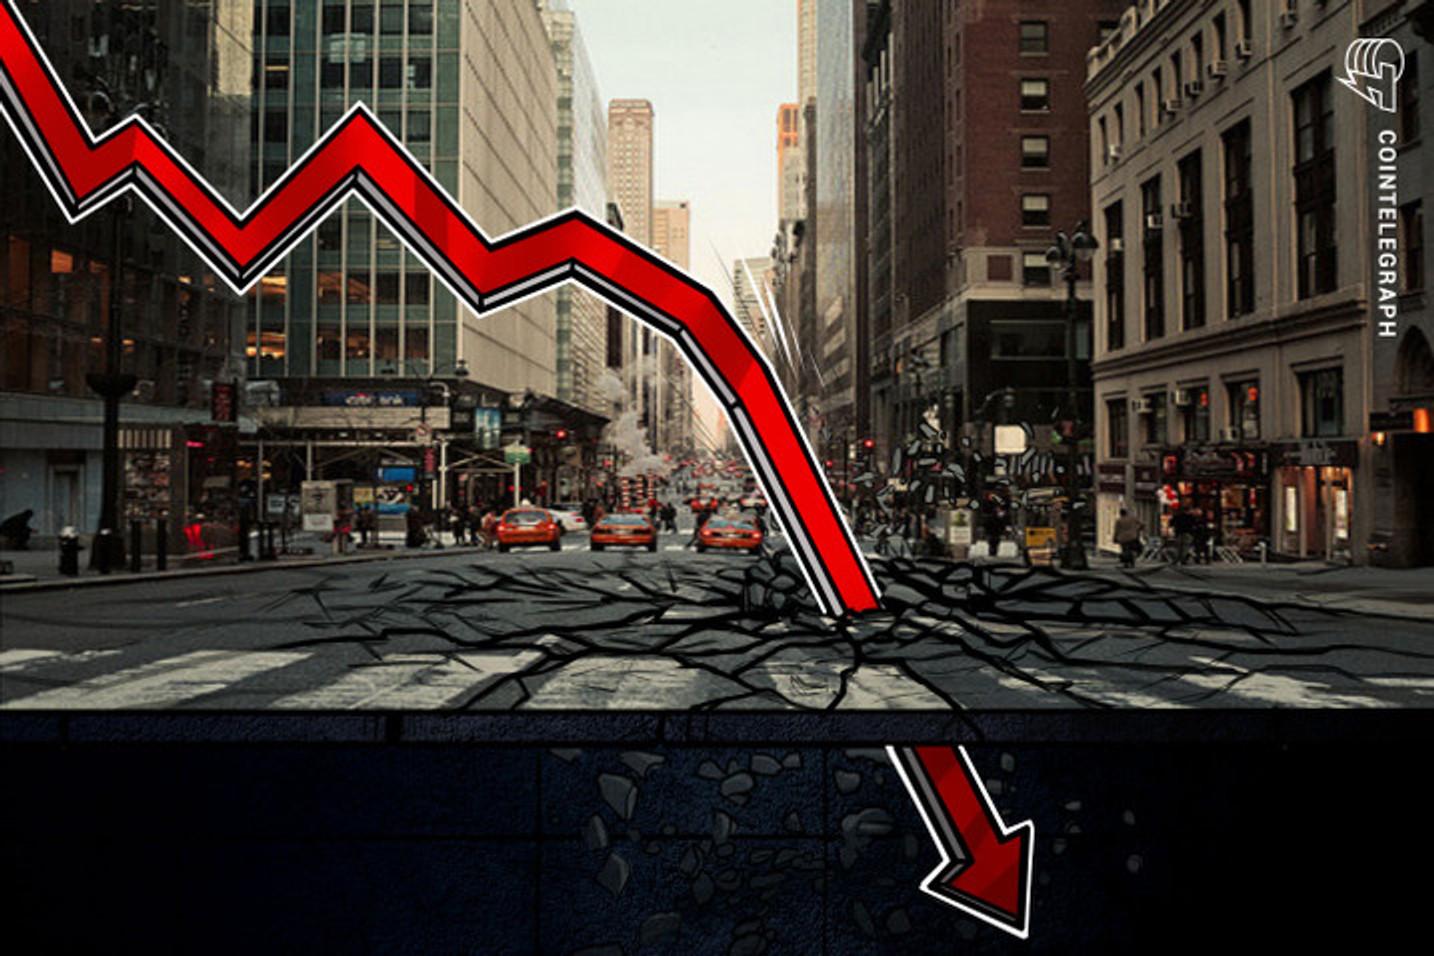 """El retorno de la inflación podría causar un """"baño de sangre"""" en el mercado financiero, afirma economista"""